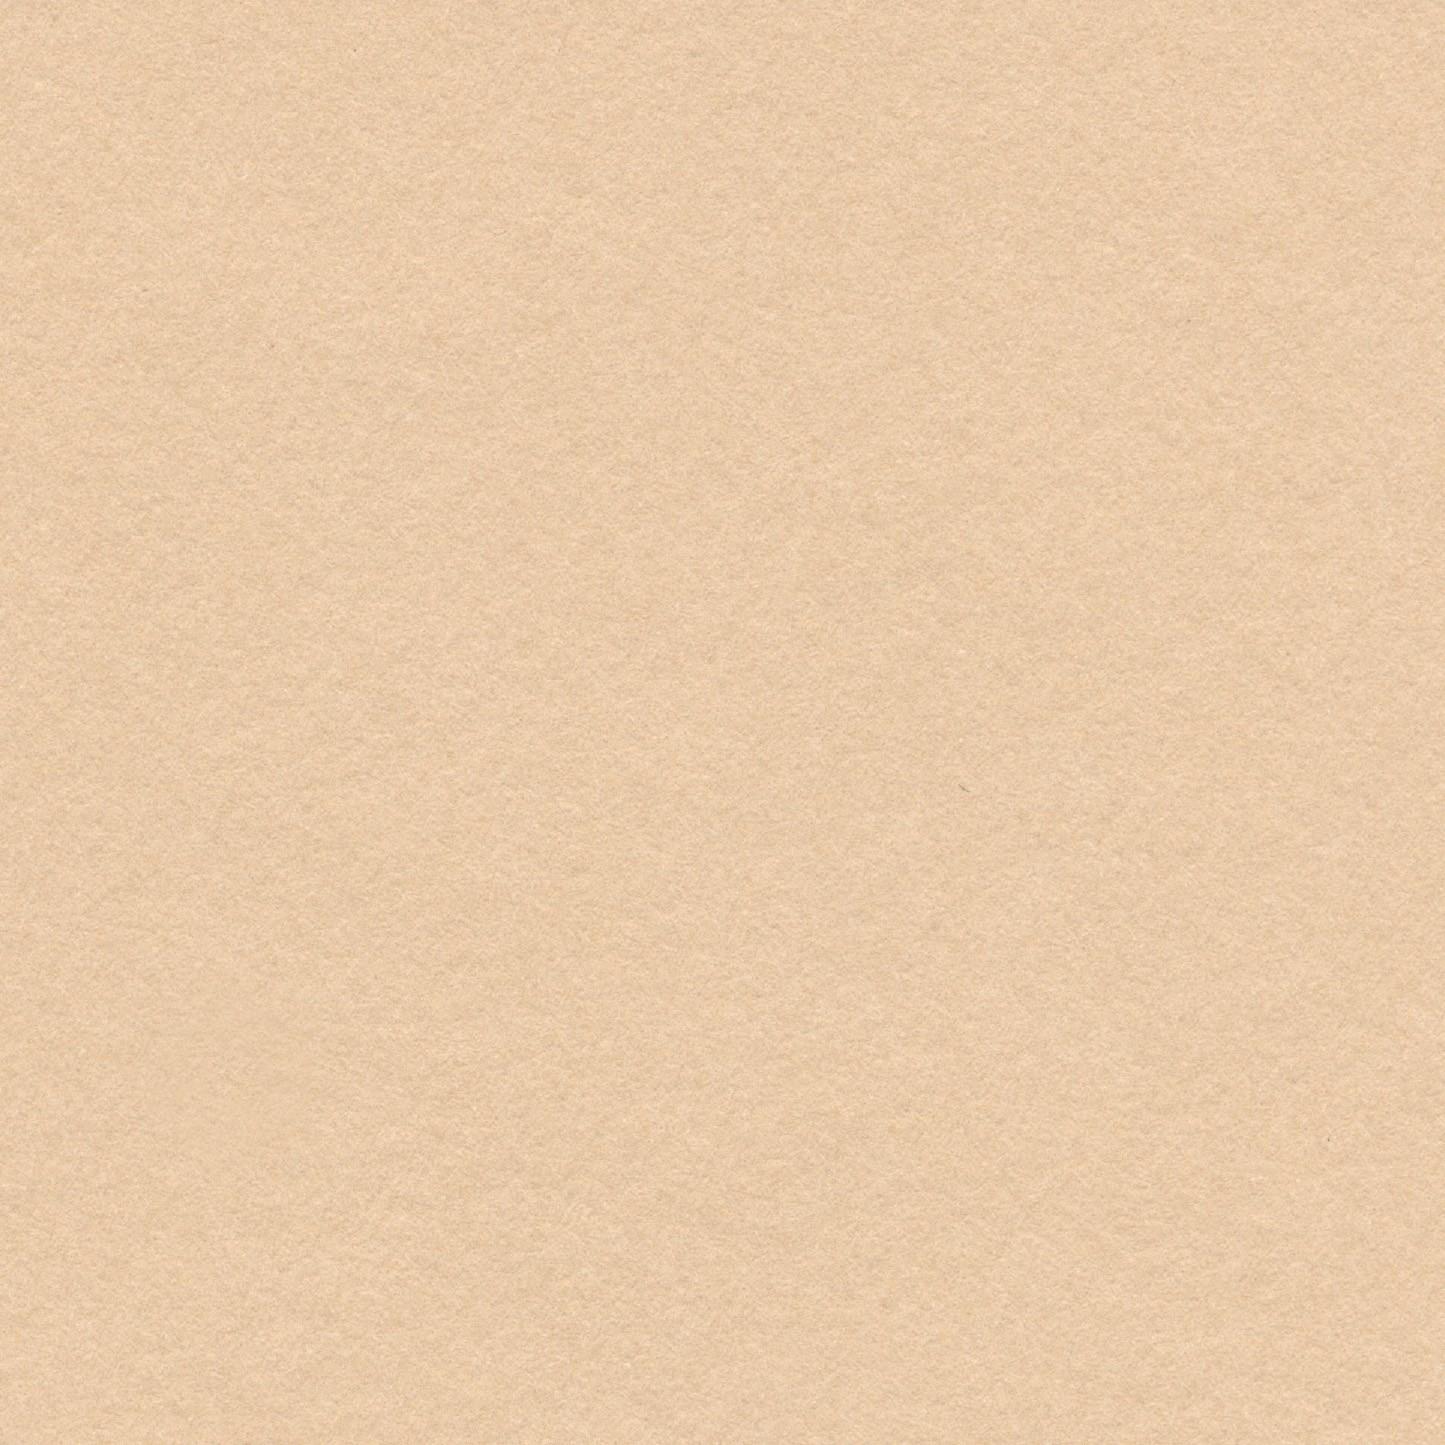 Brown - Beige 135gsm